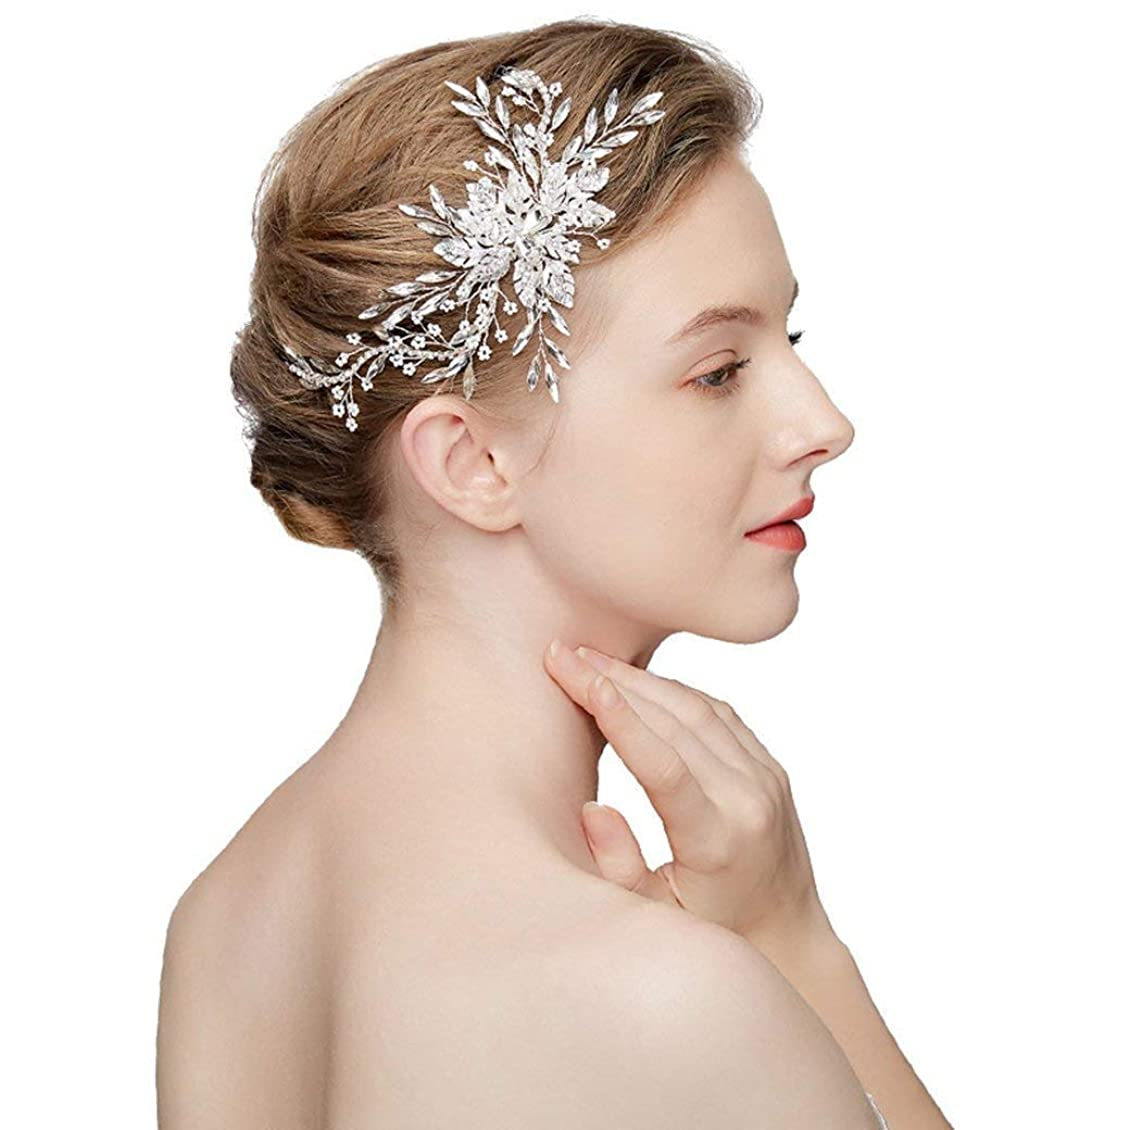 飲み込むスタイル振る舞うラインストーンの櫛、ブライダルヘアの櫛手作りクリスタルラインストーンウェディングヘアアクセサリーパールフラワータッセルヘッドドレスウェディング、パーティー